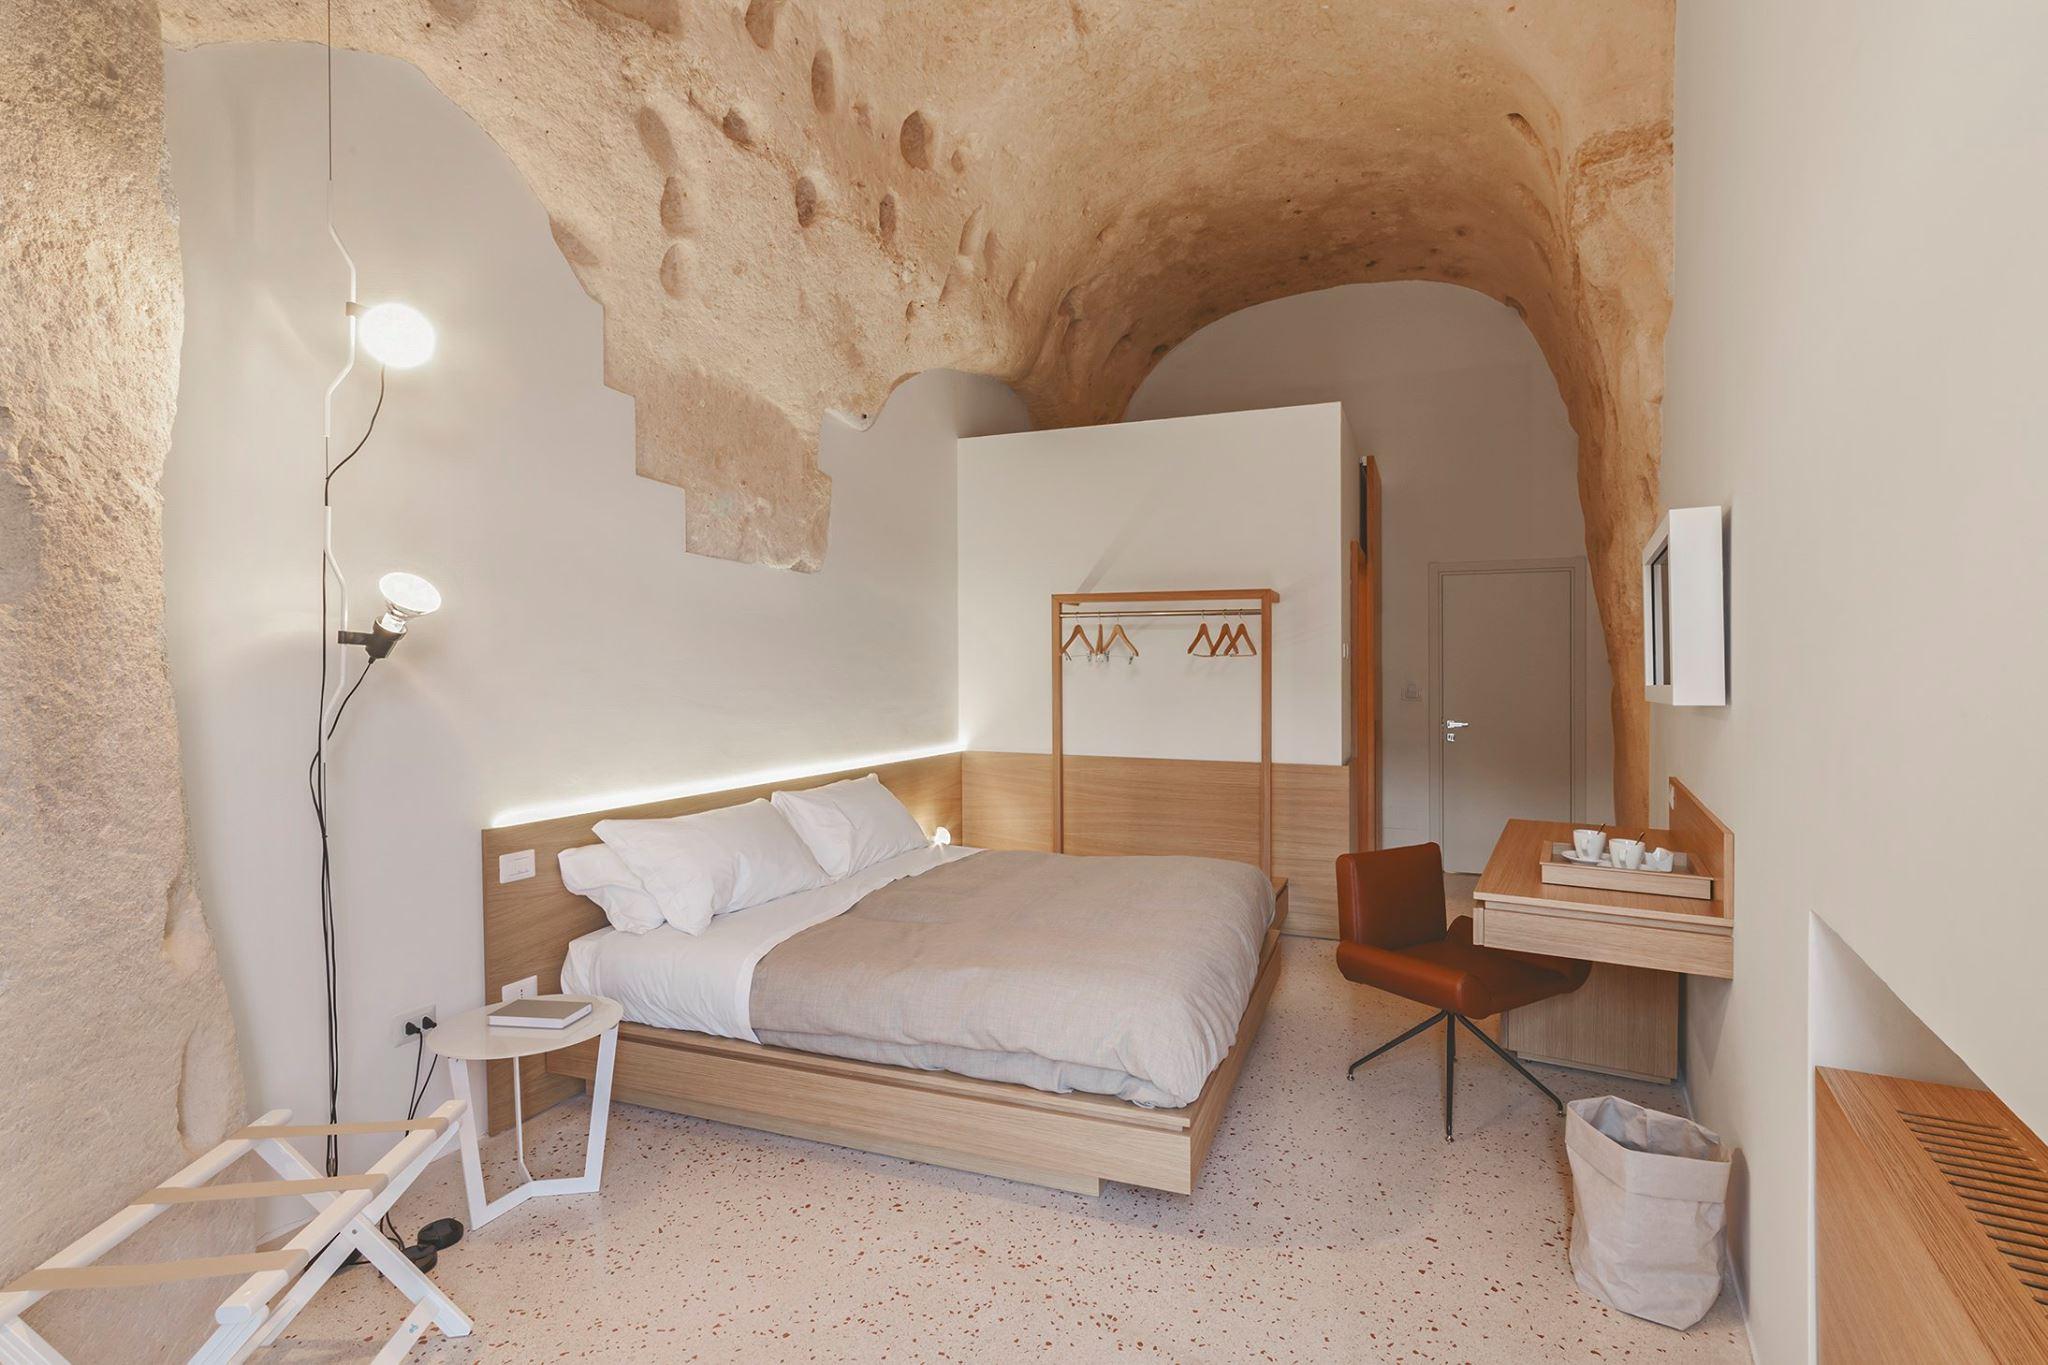 sassi-matera-grotte-hotel-la-dimora-di-metello-15